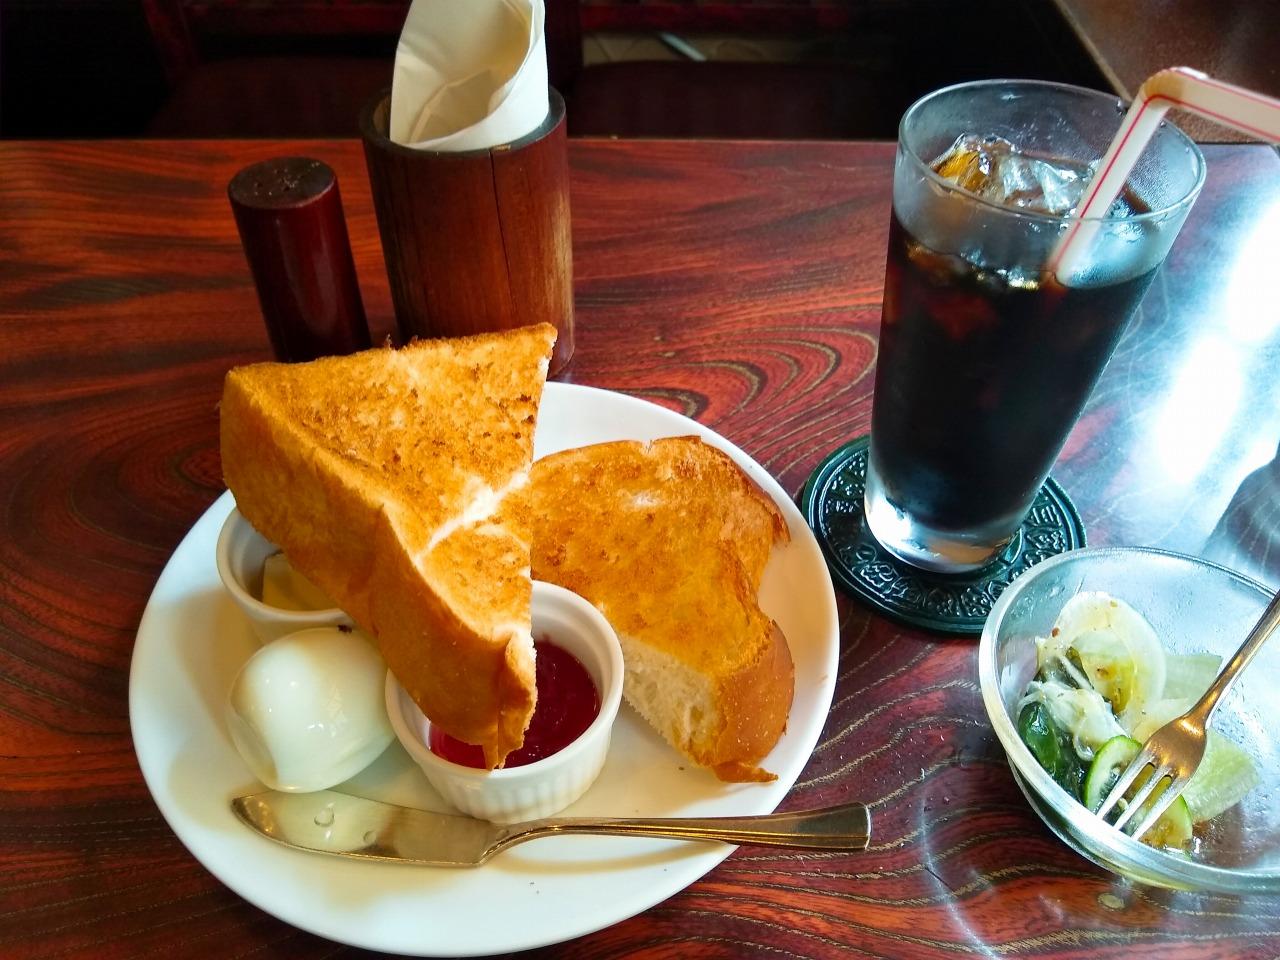 綱島の喫茶店カルディのモーニング